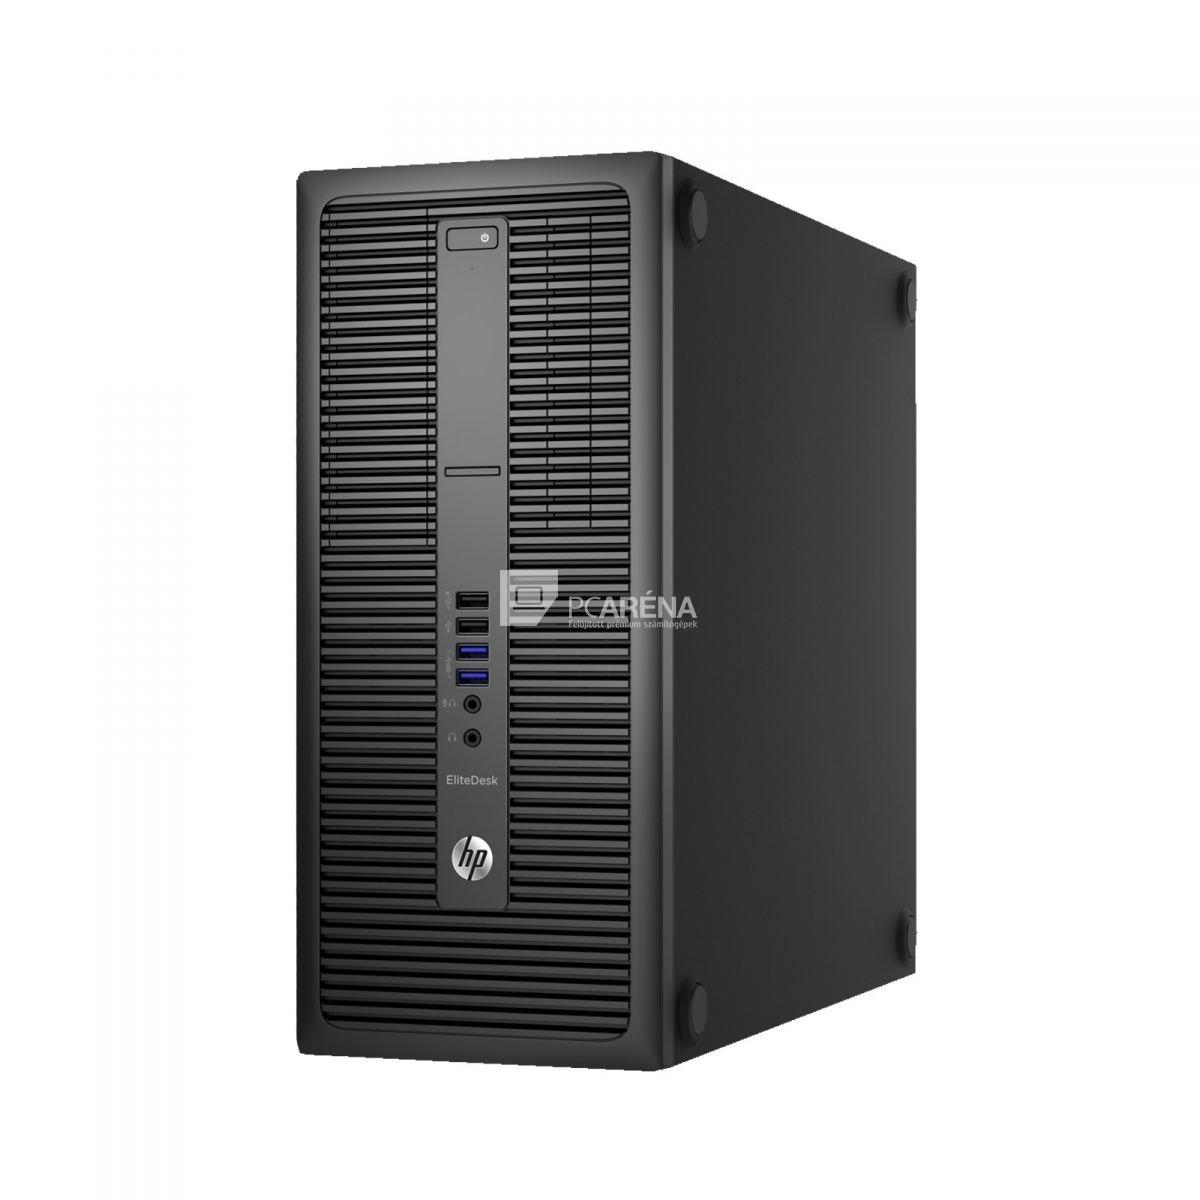 HP EliteDesk 800 G2 T számítógép